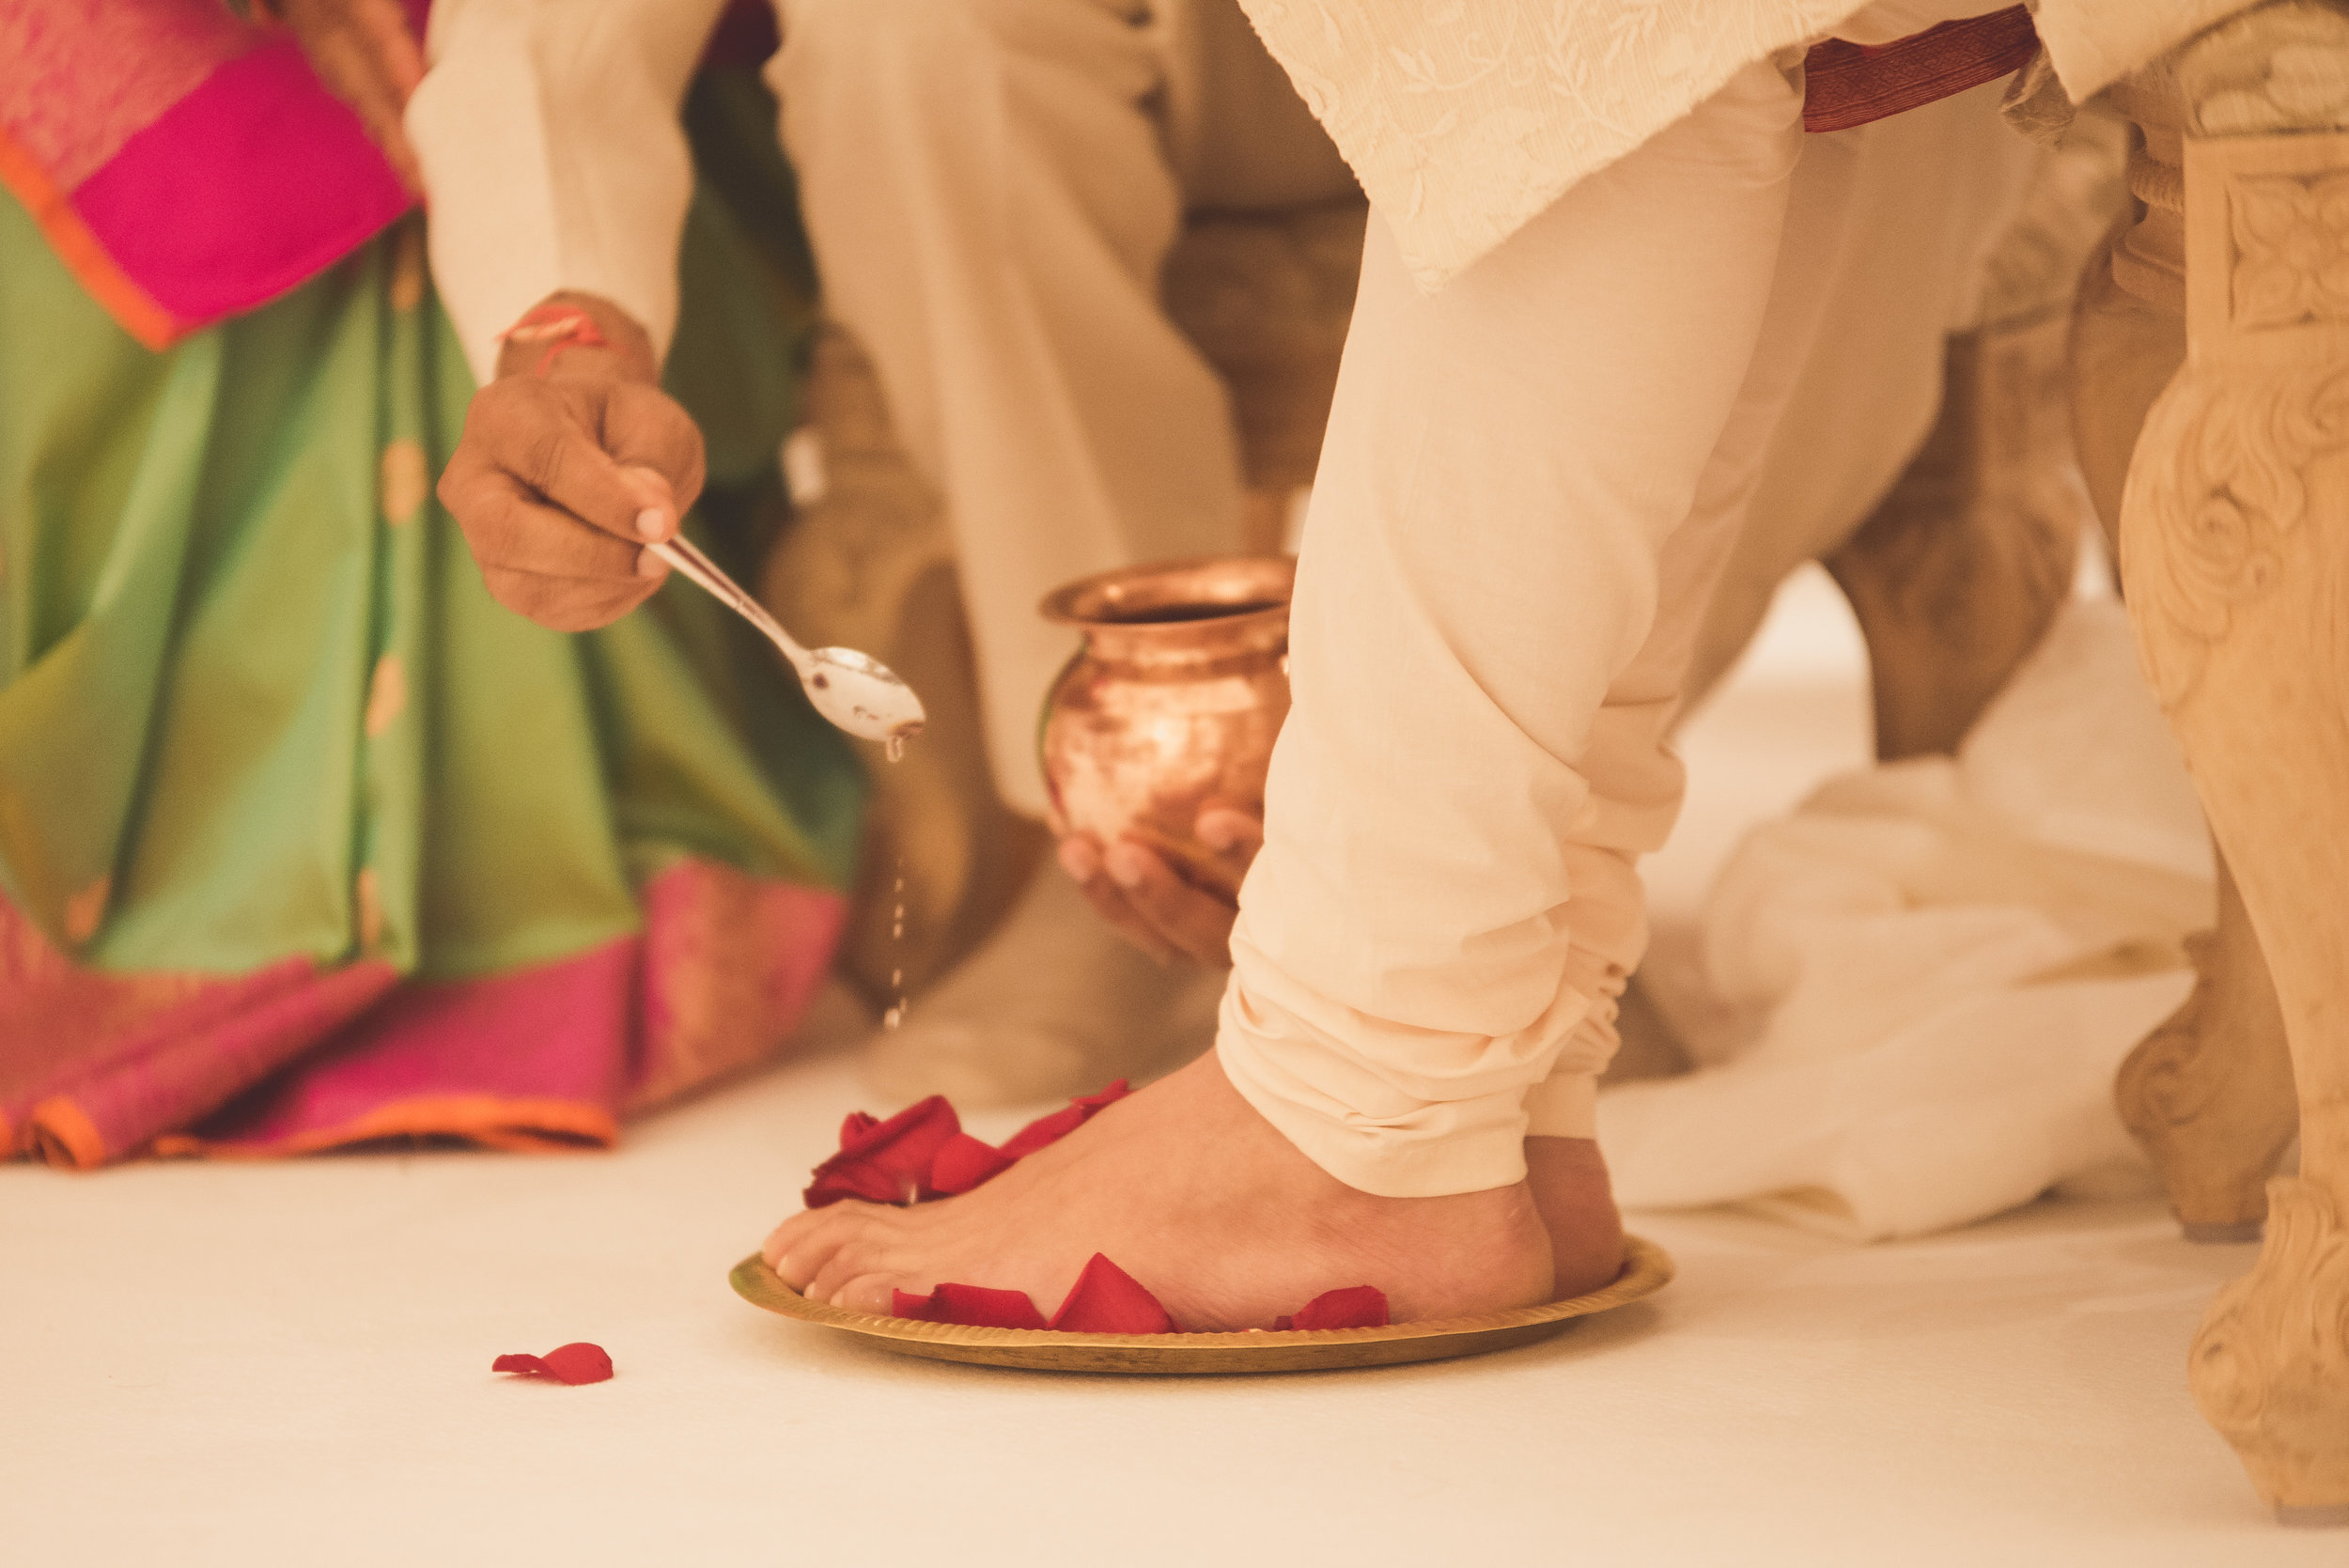 Hindu Groom has feet washed